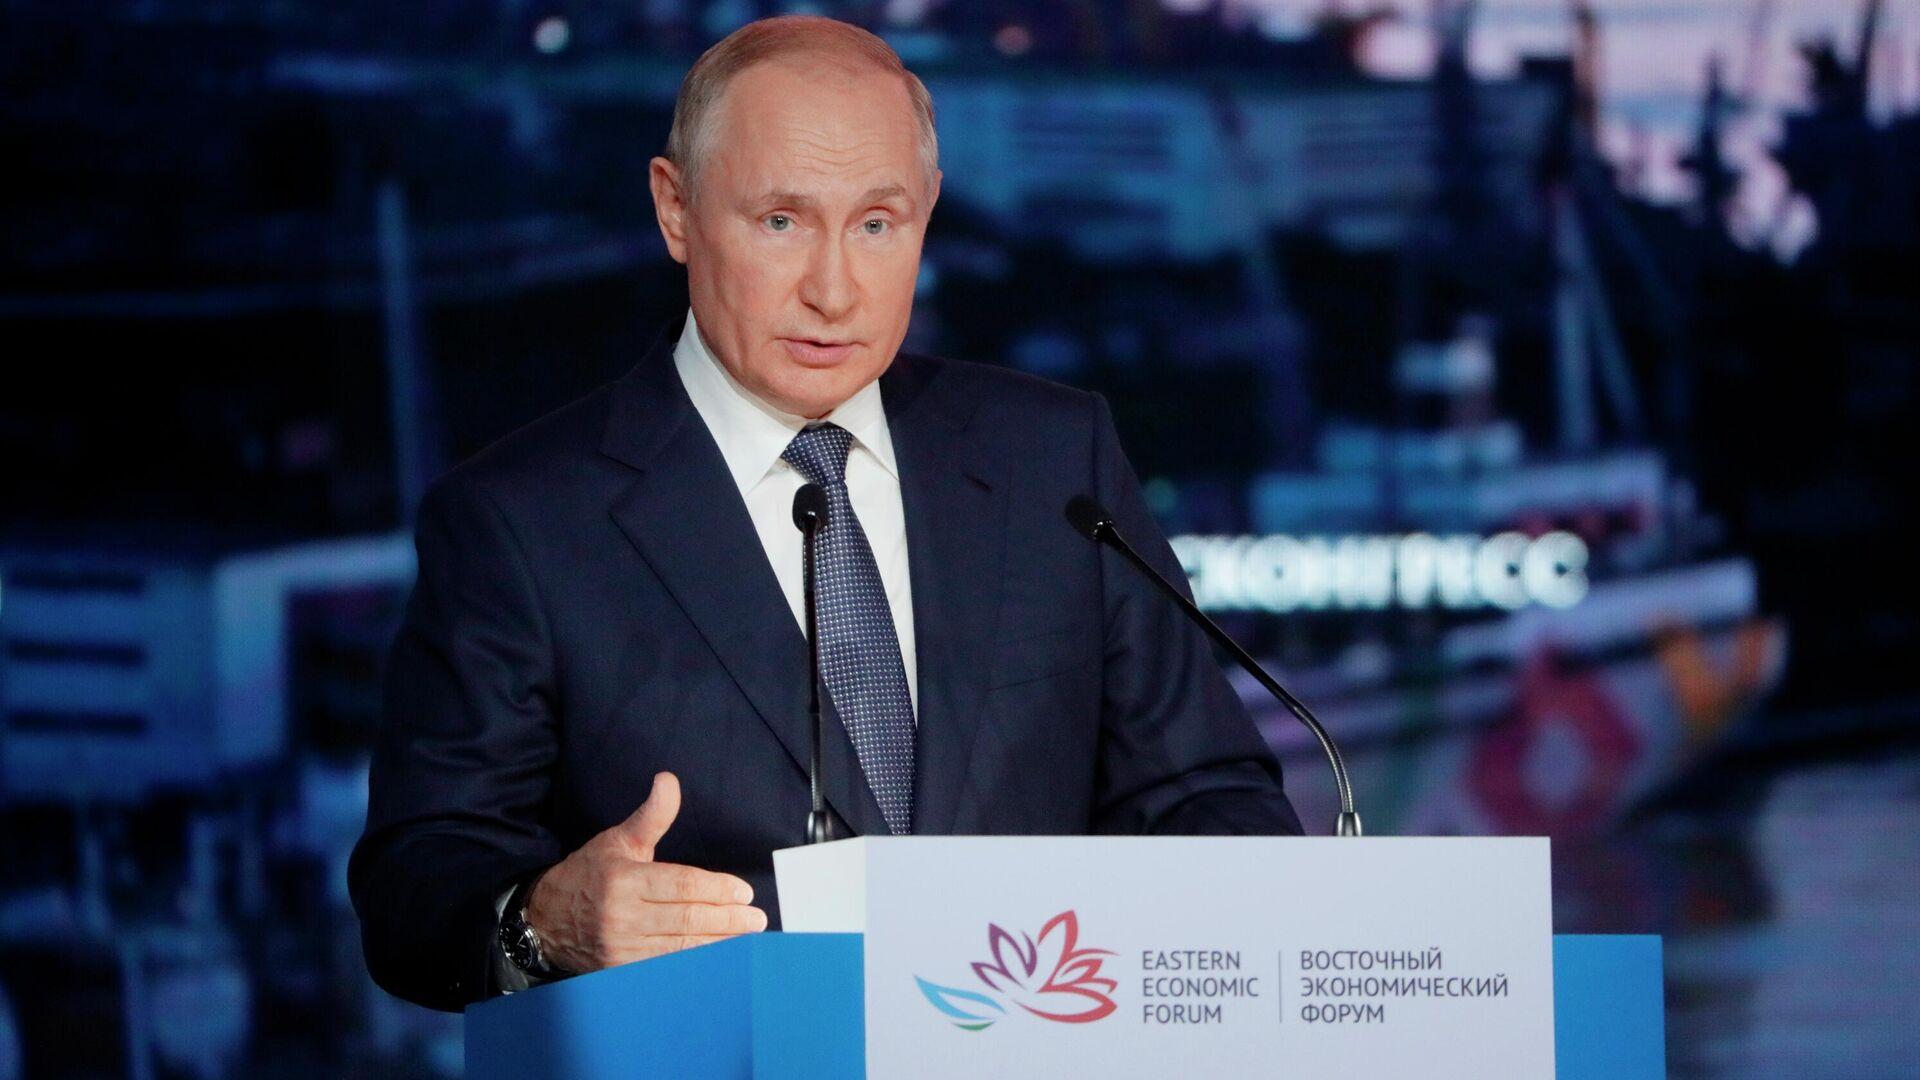 El presidente de Rusia, Vladímir Putin, en el Foro Económico Oriental - Sputnik Mundo, 1920, 03.09.2021